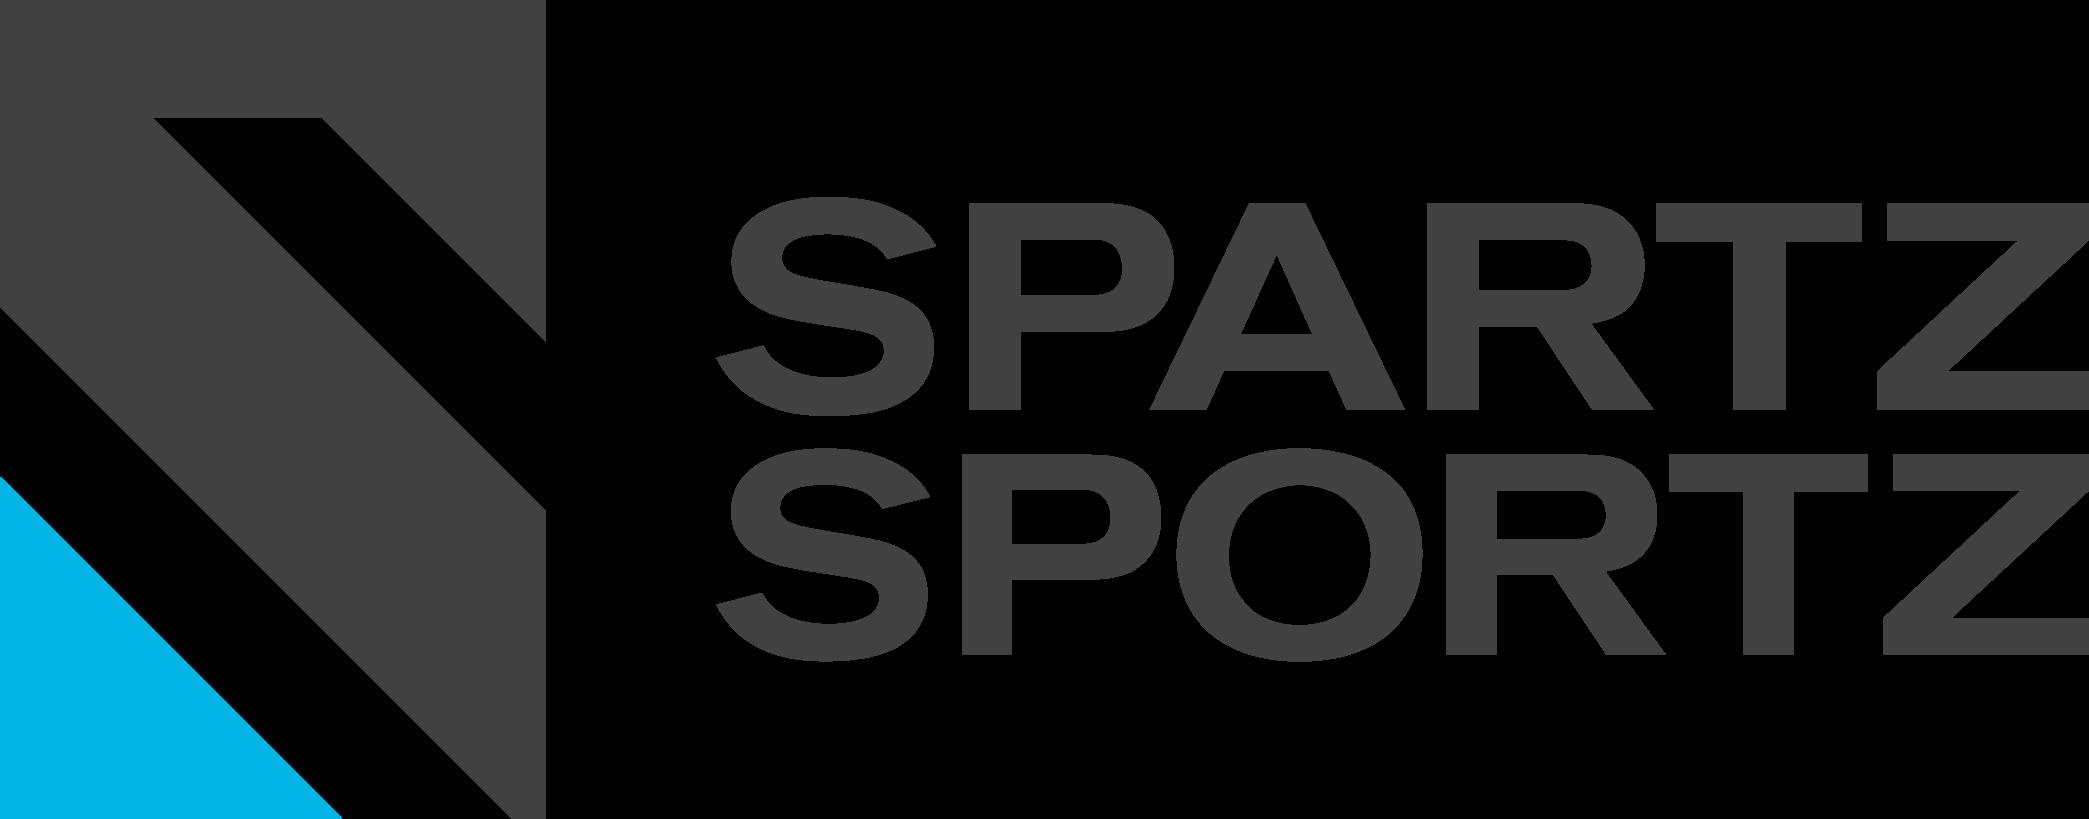 SpartzSportz_01.PNG